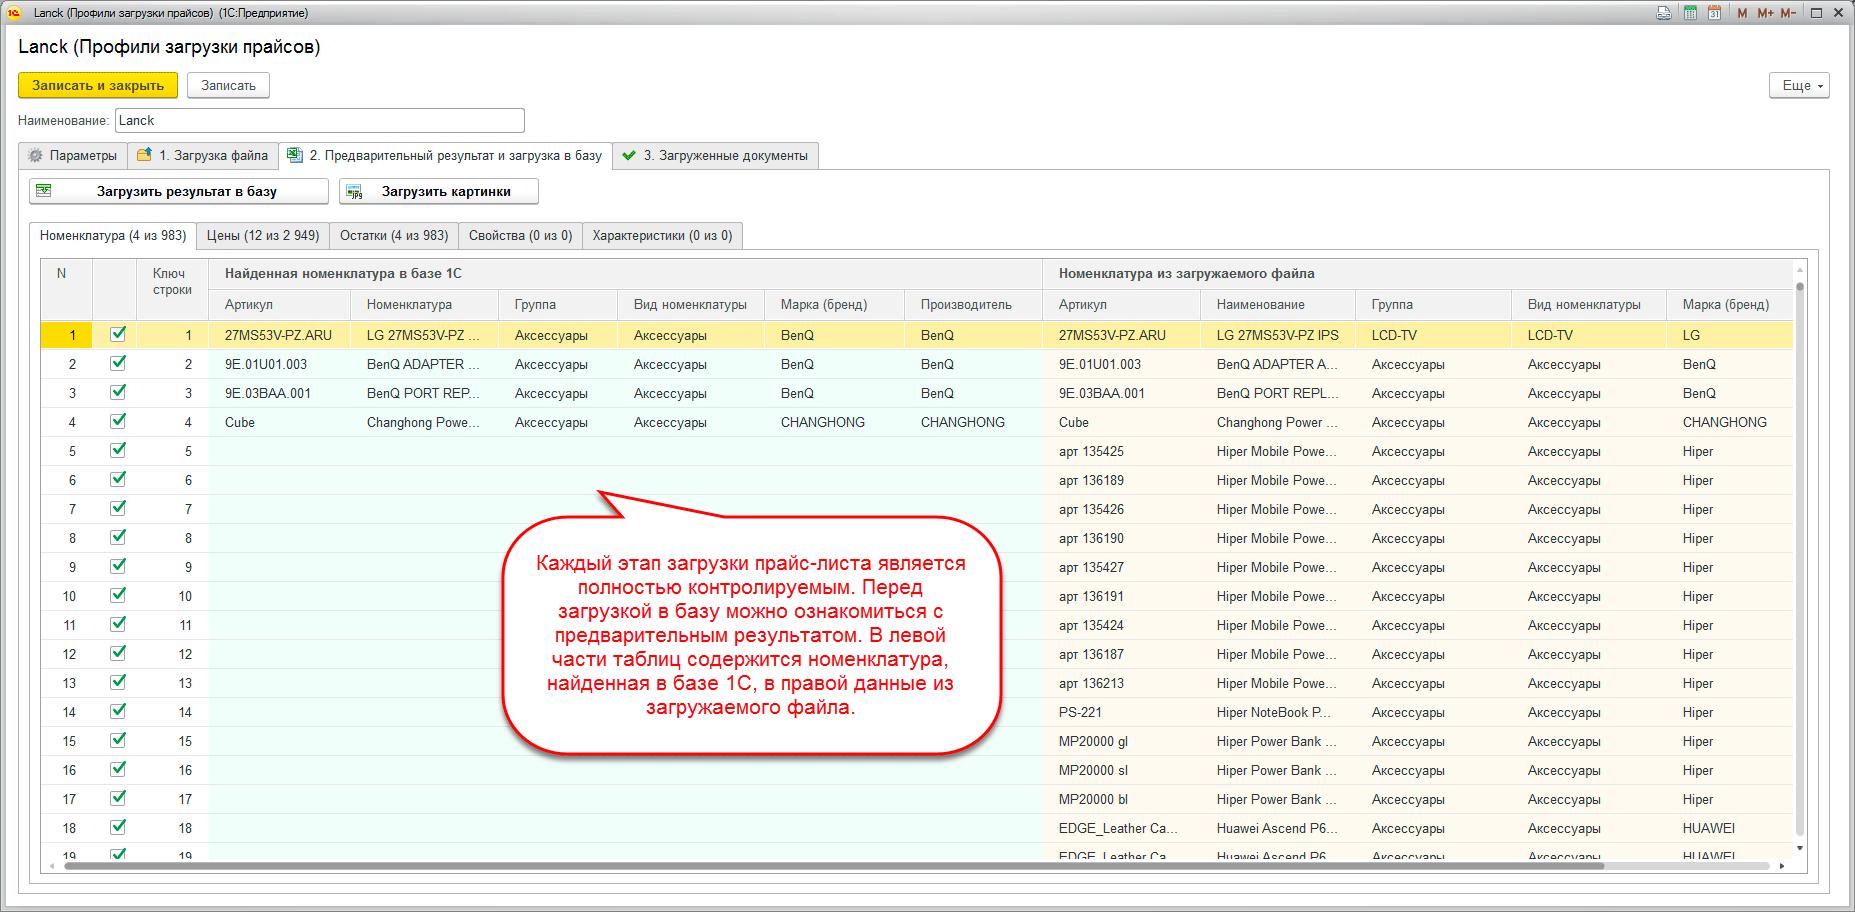 profili-zagruzki-v-1s-import